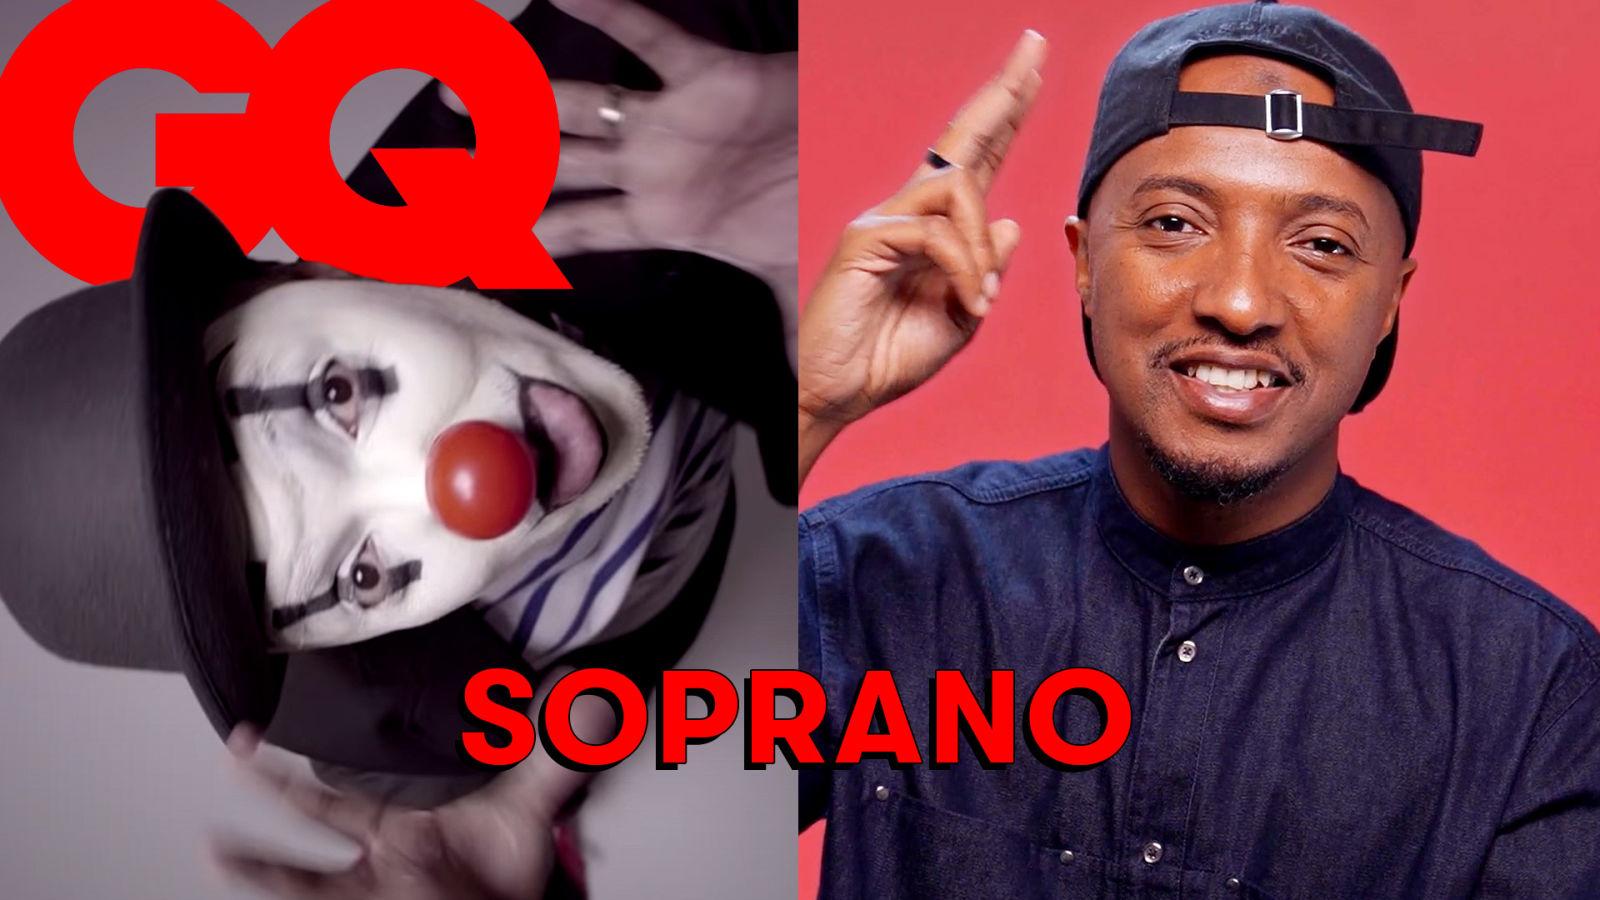 Soprano juge sa carrière : Roule, Psy 4, Près des étoiles… | GQ